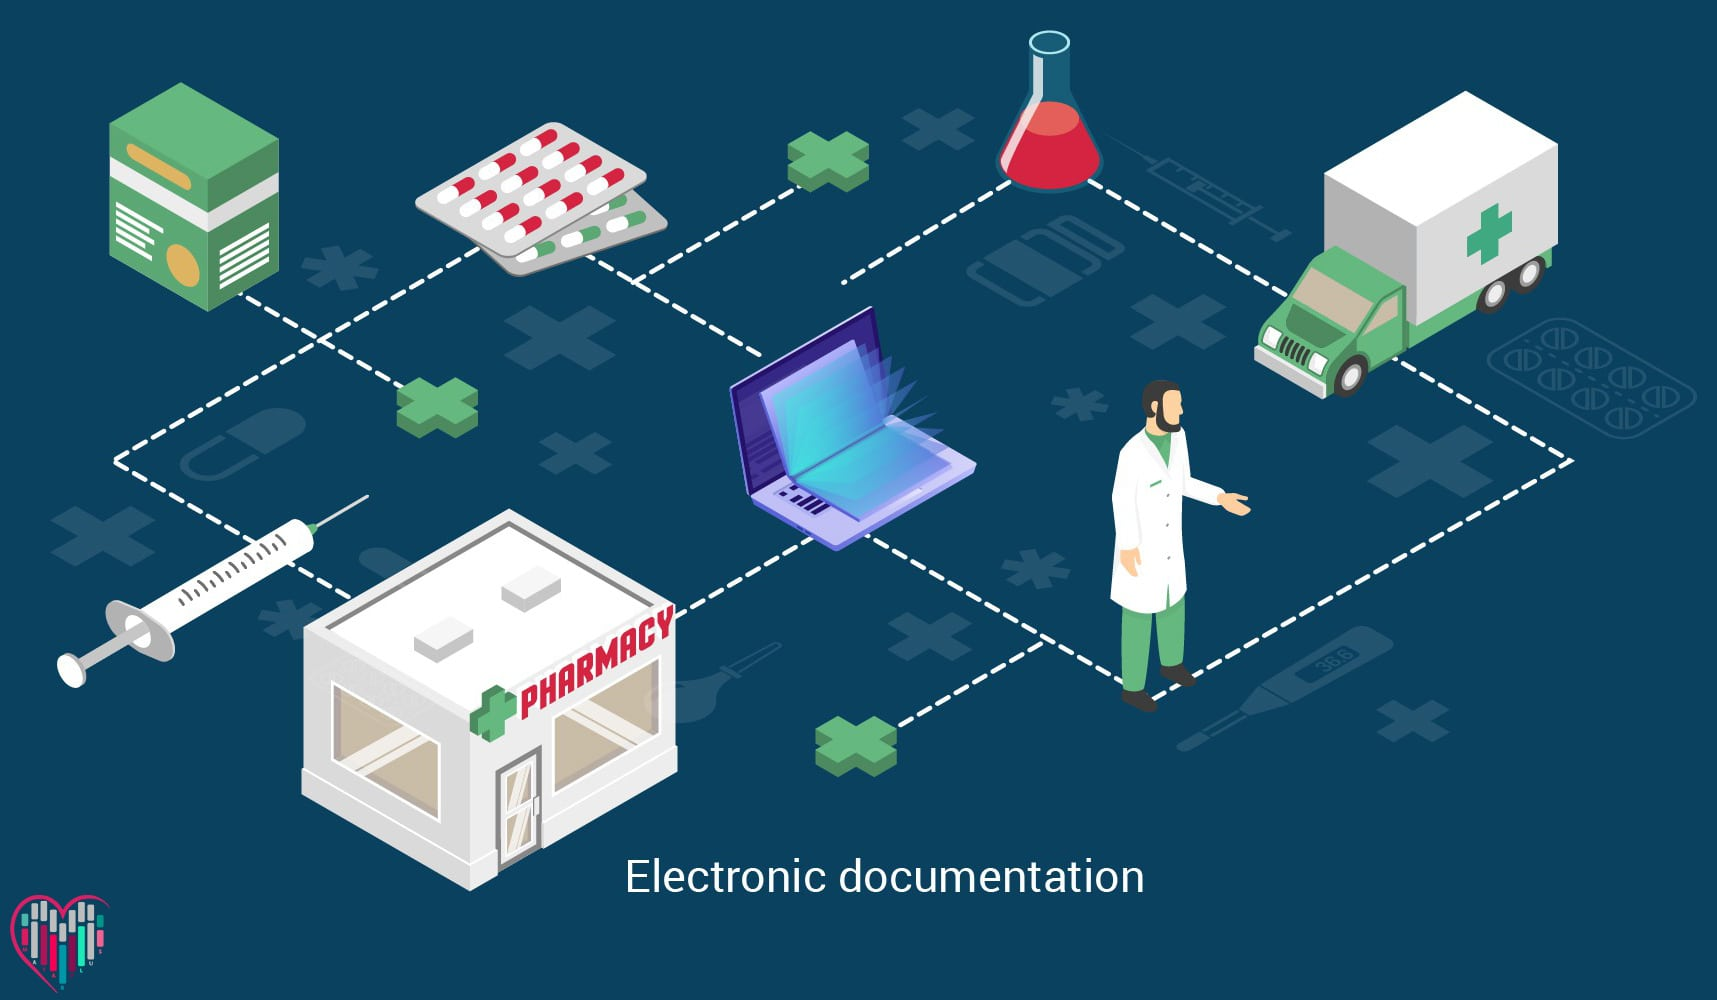 پرونده الکترونیک چیست؟